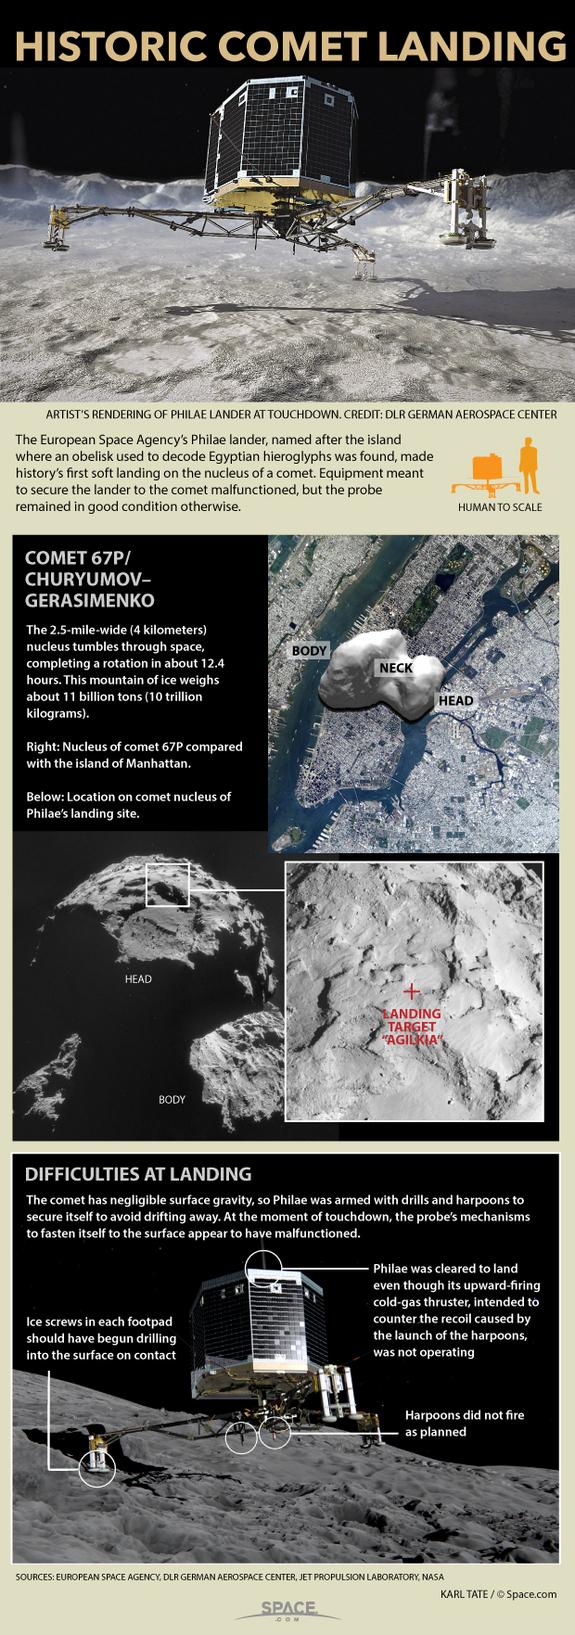 philae-landing-comet-141112b-081214